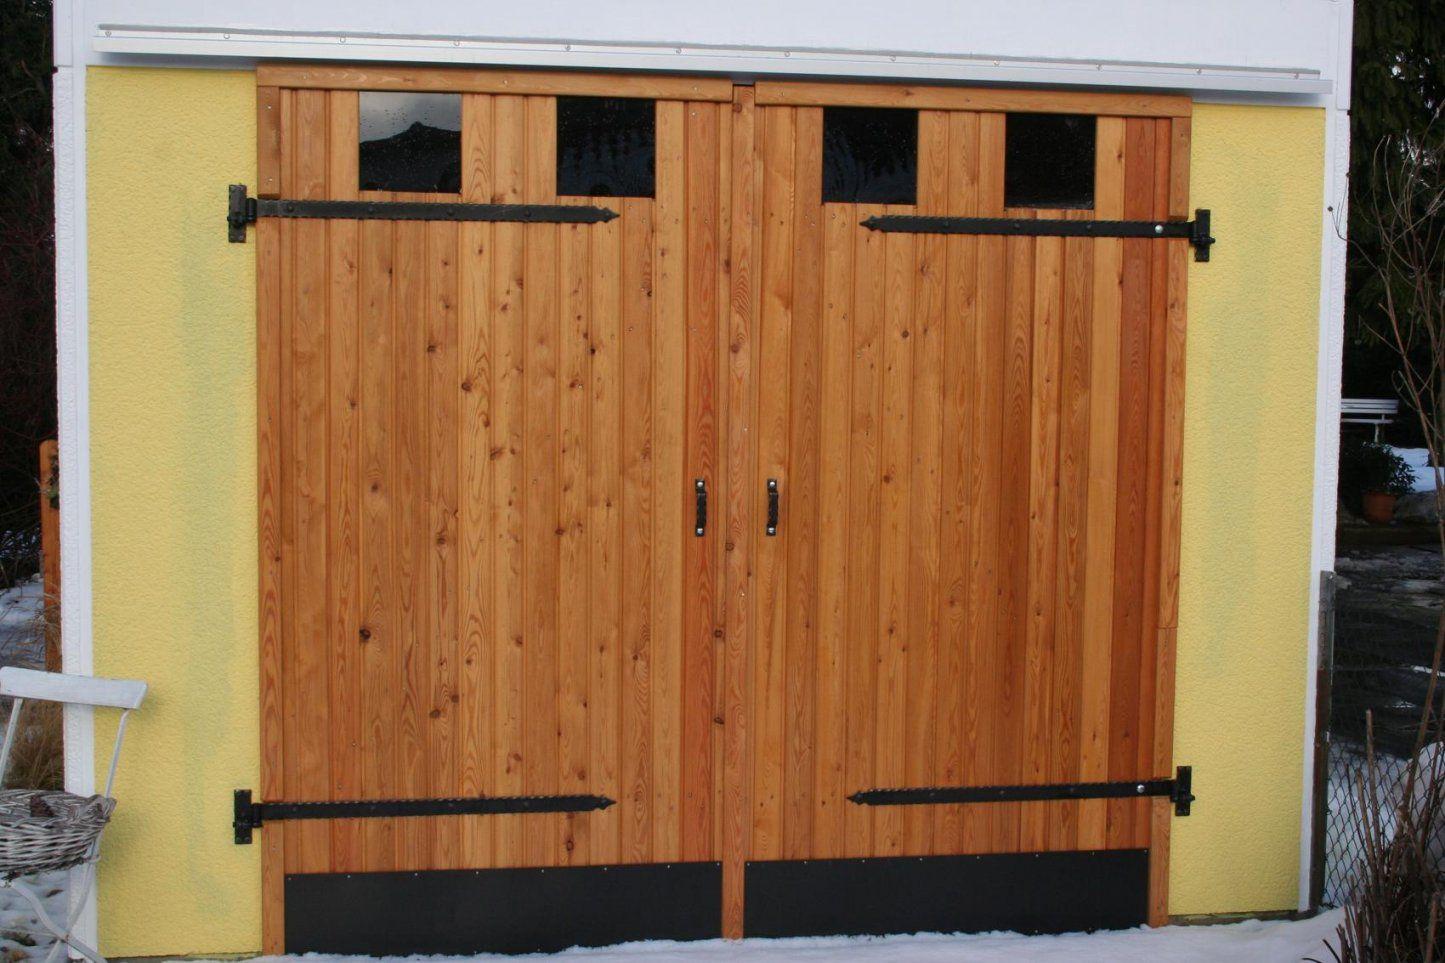 Garagentore Holz Preise Ty42 – Hitoiro von Garagentor Holz Selber Bauen Photo